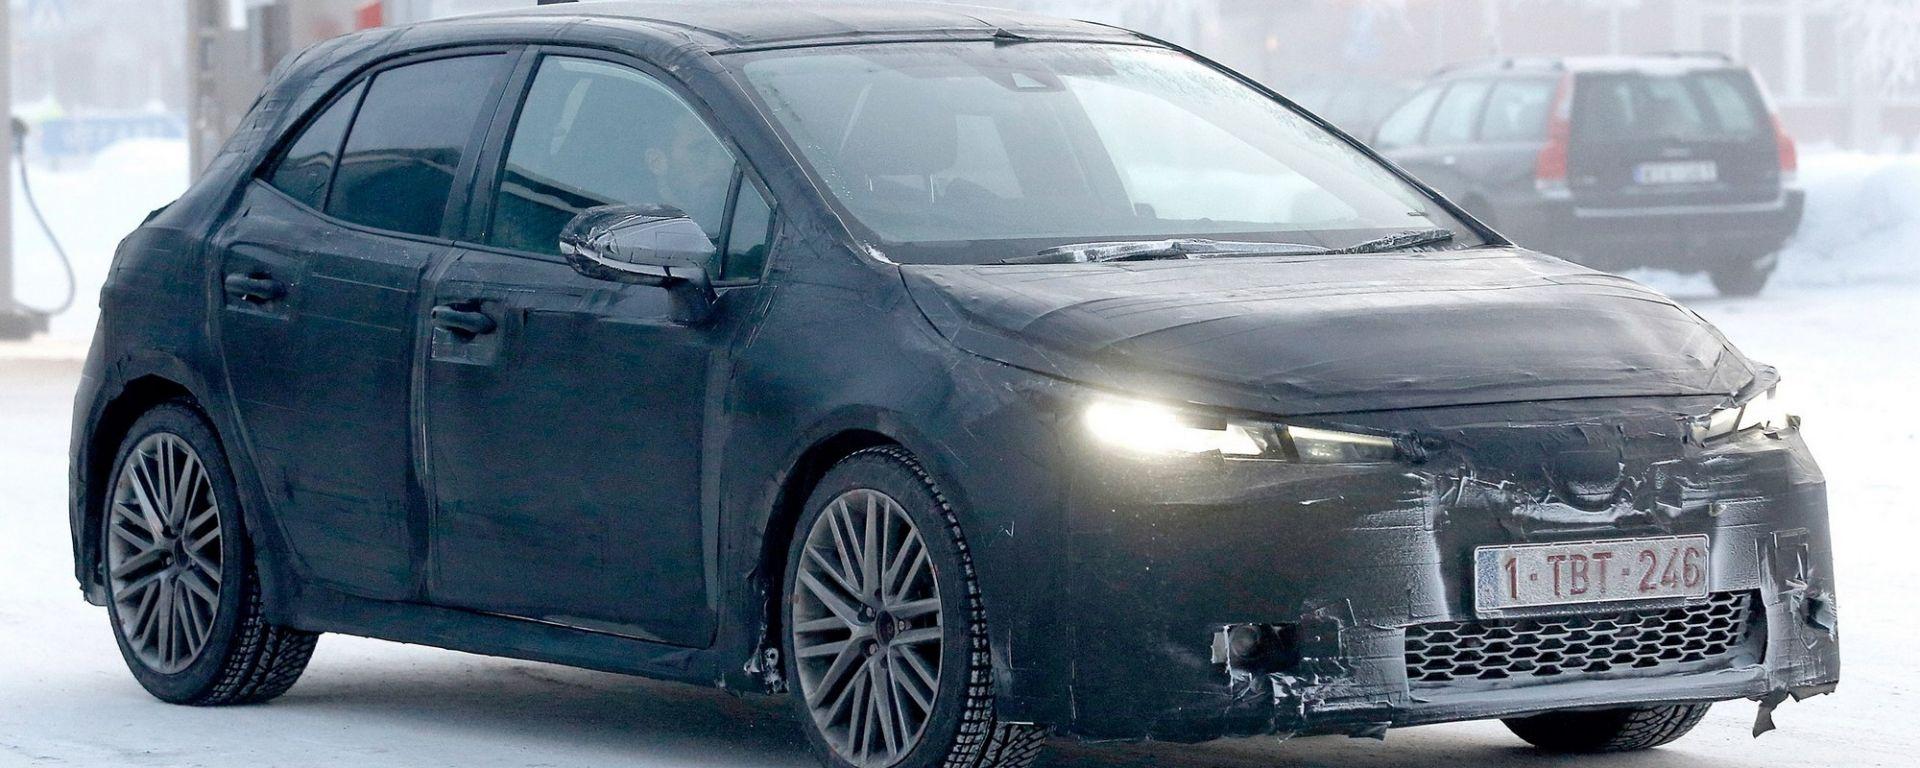 Nuova Toyota Auris: si avvicina il debutto?